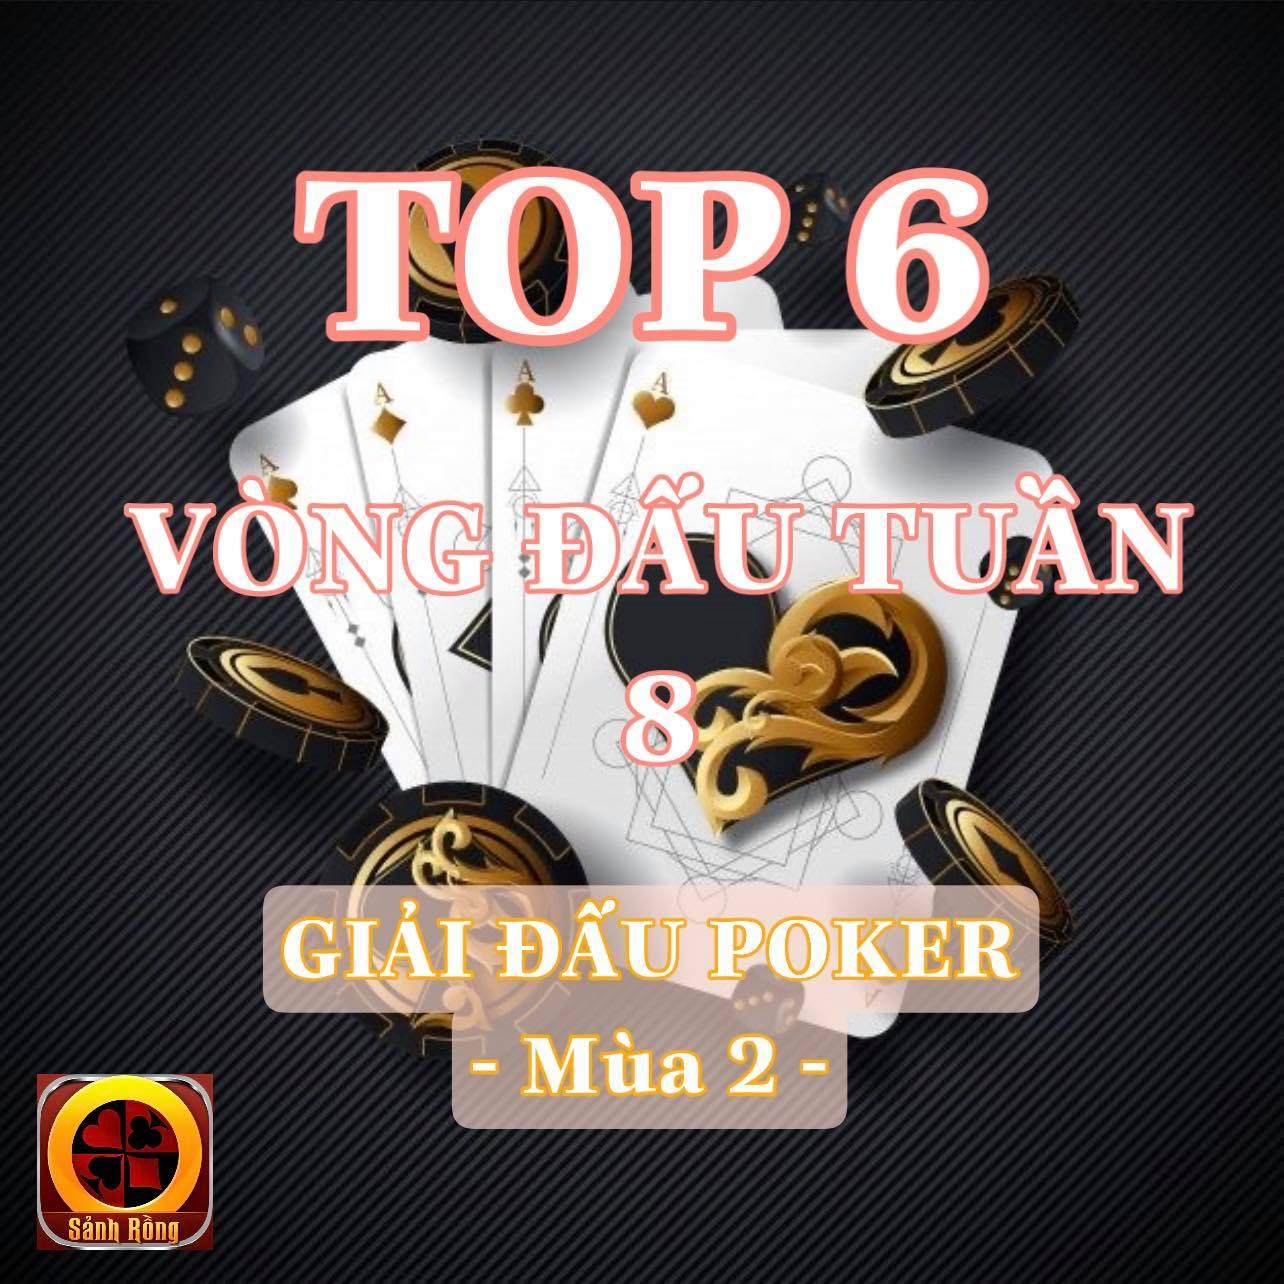 Top 06 Cao Thủ Sẽ Tham Dự Vòng Đấu Tuần 8 của Giải Đấu Poker Mùa 2